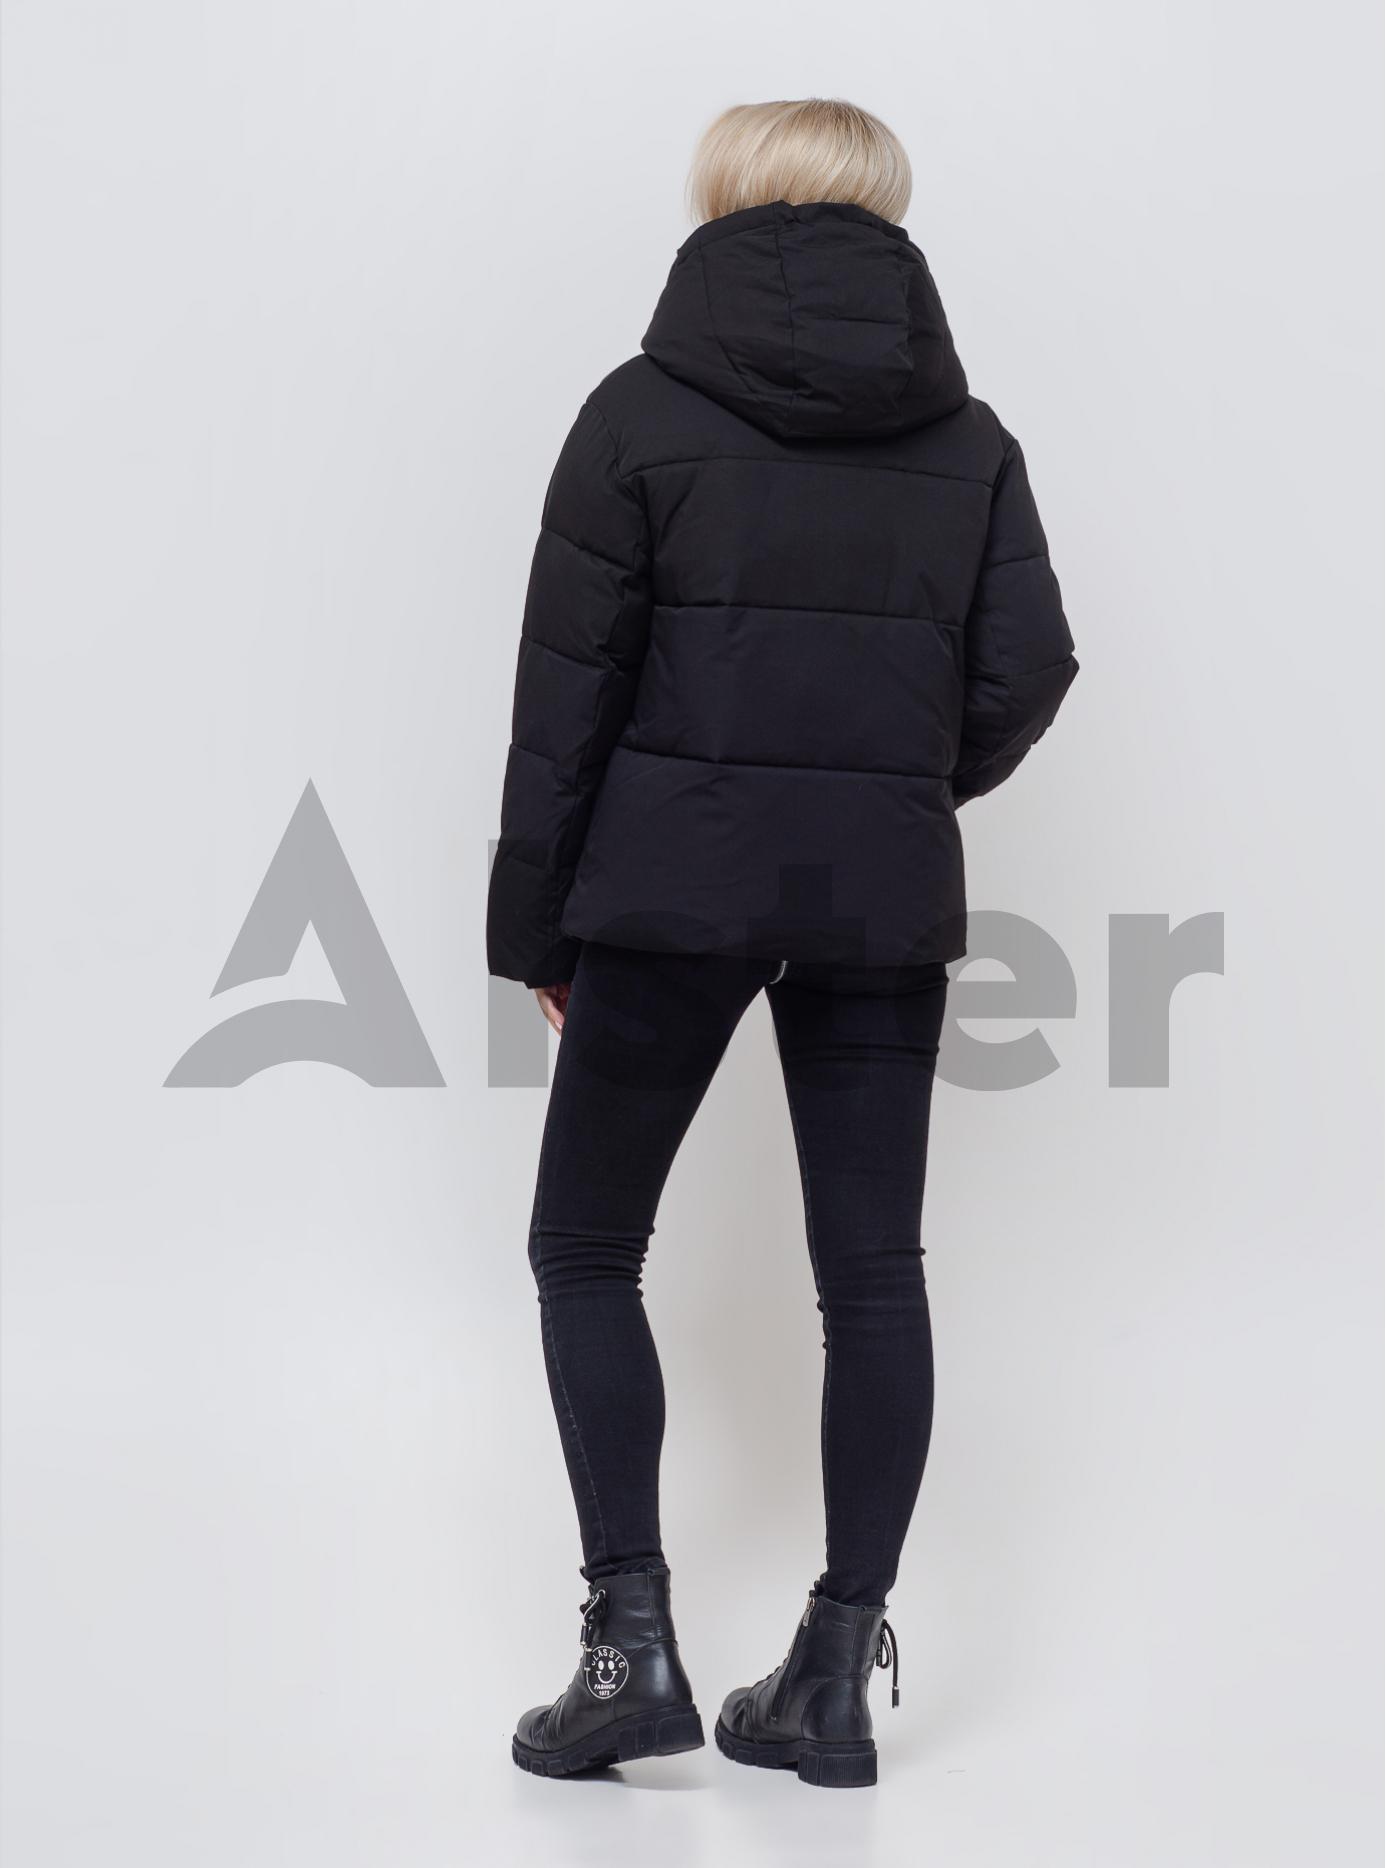 Куртка женская зимняя средней длины Чёрный S (05-SV201038): фото - Alster.ua